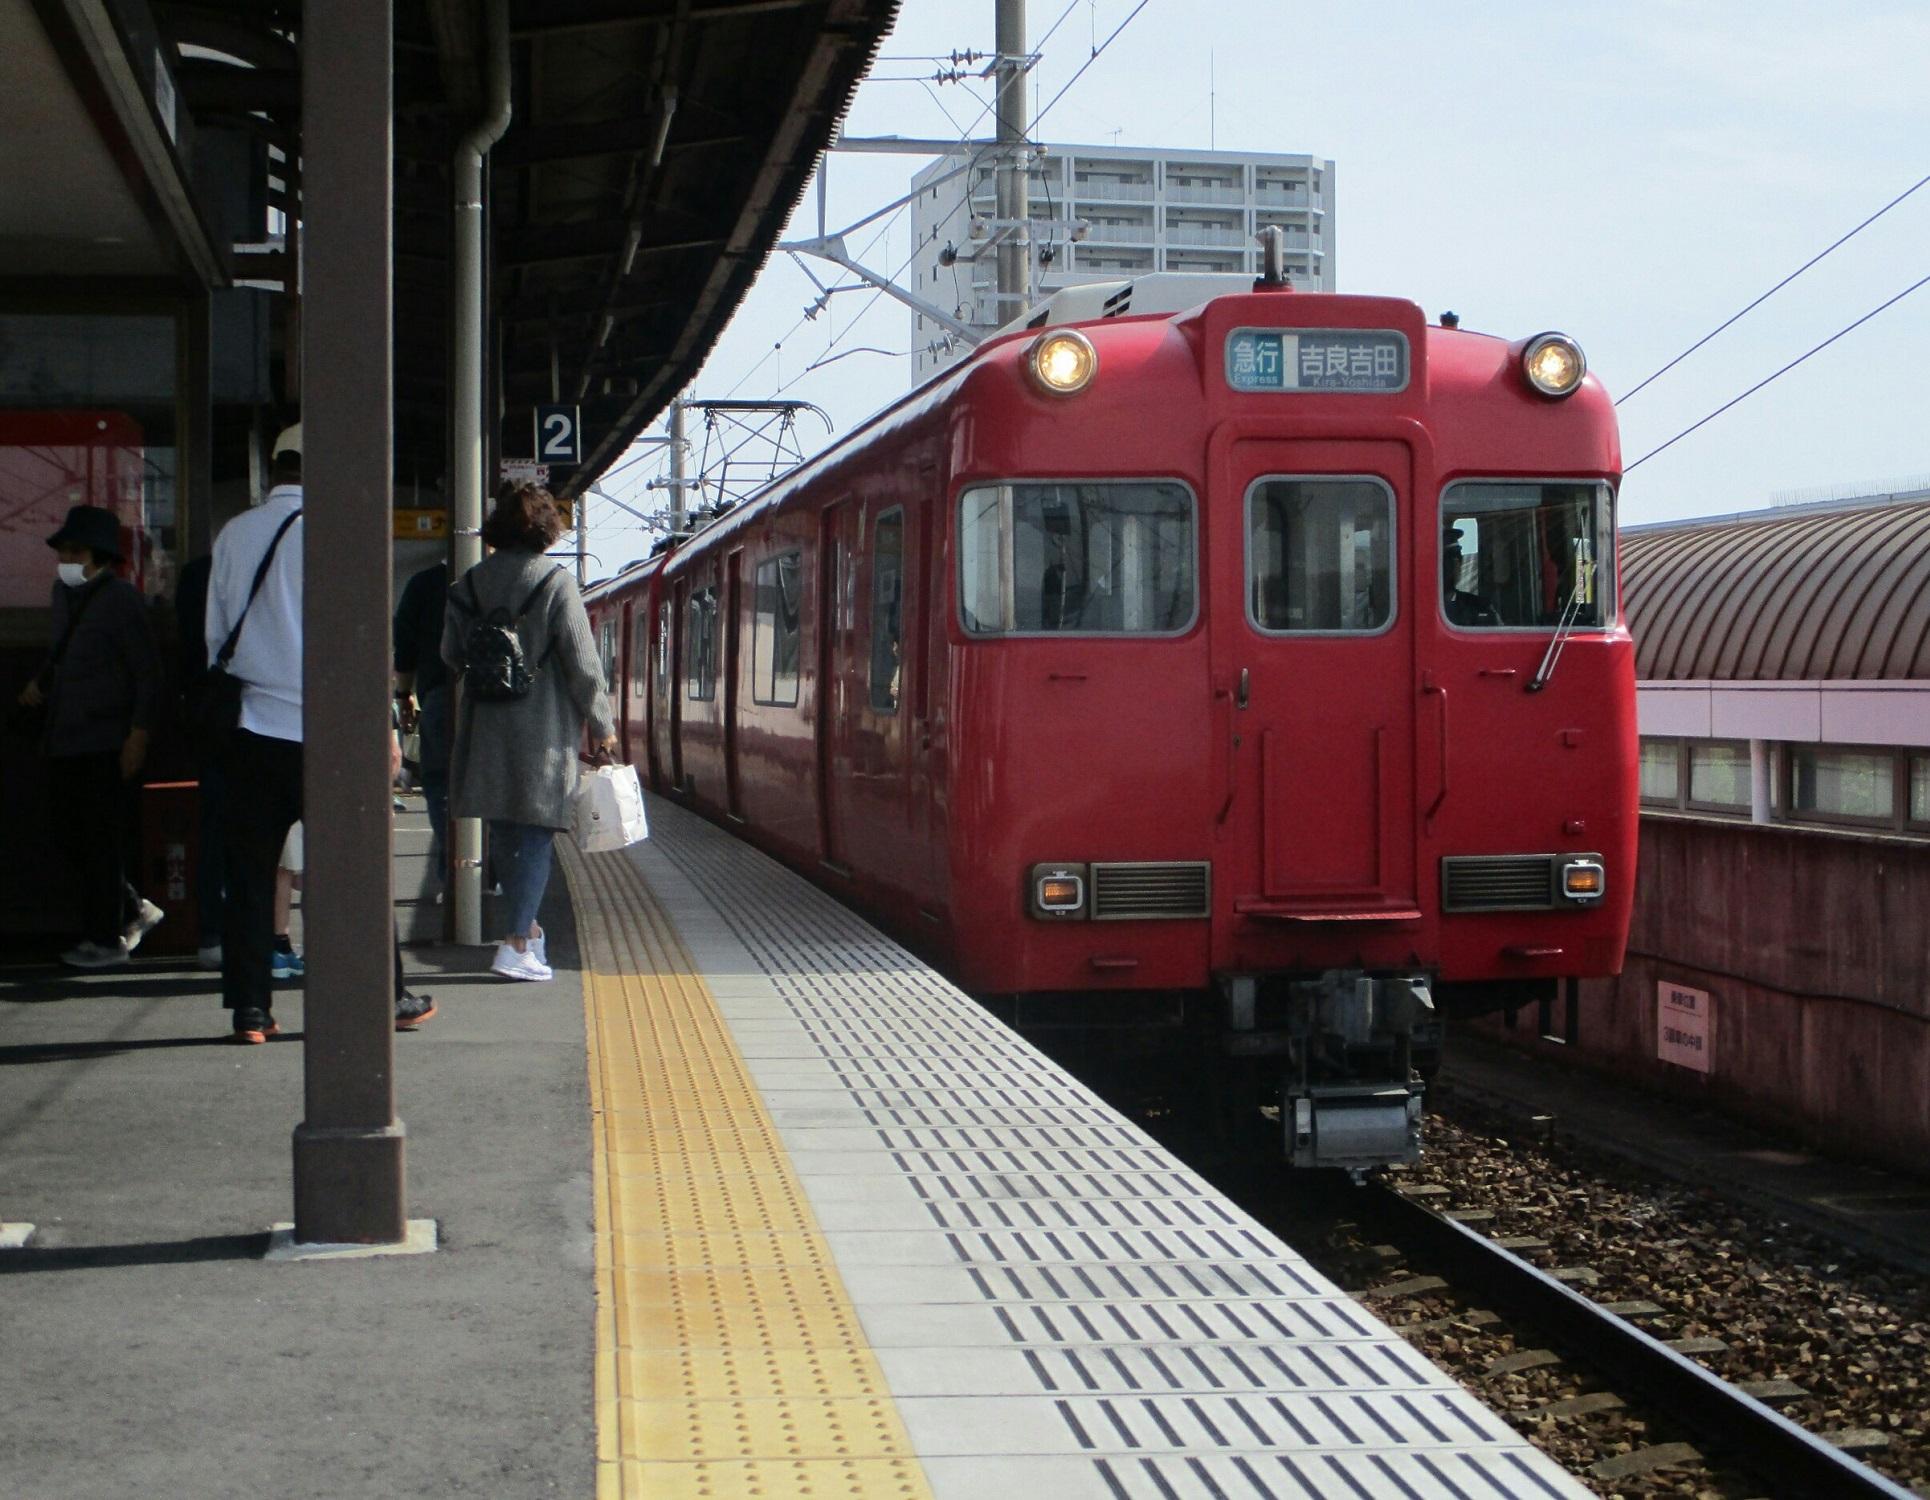 2019.5.3 (8) 西尾 - 吉良吉田いき急行 1930-1500